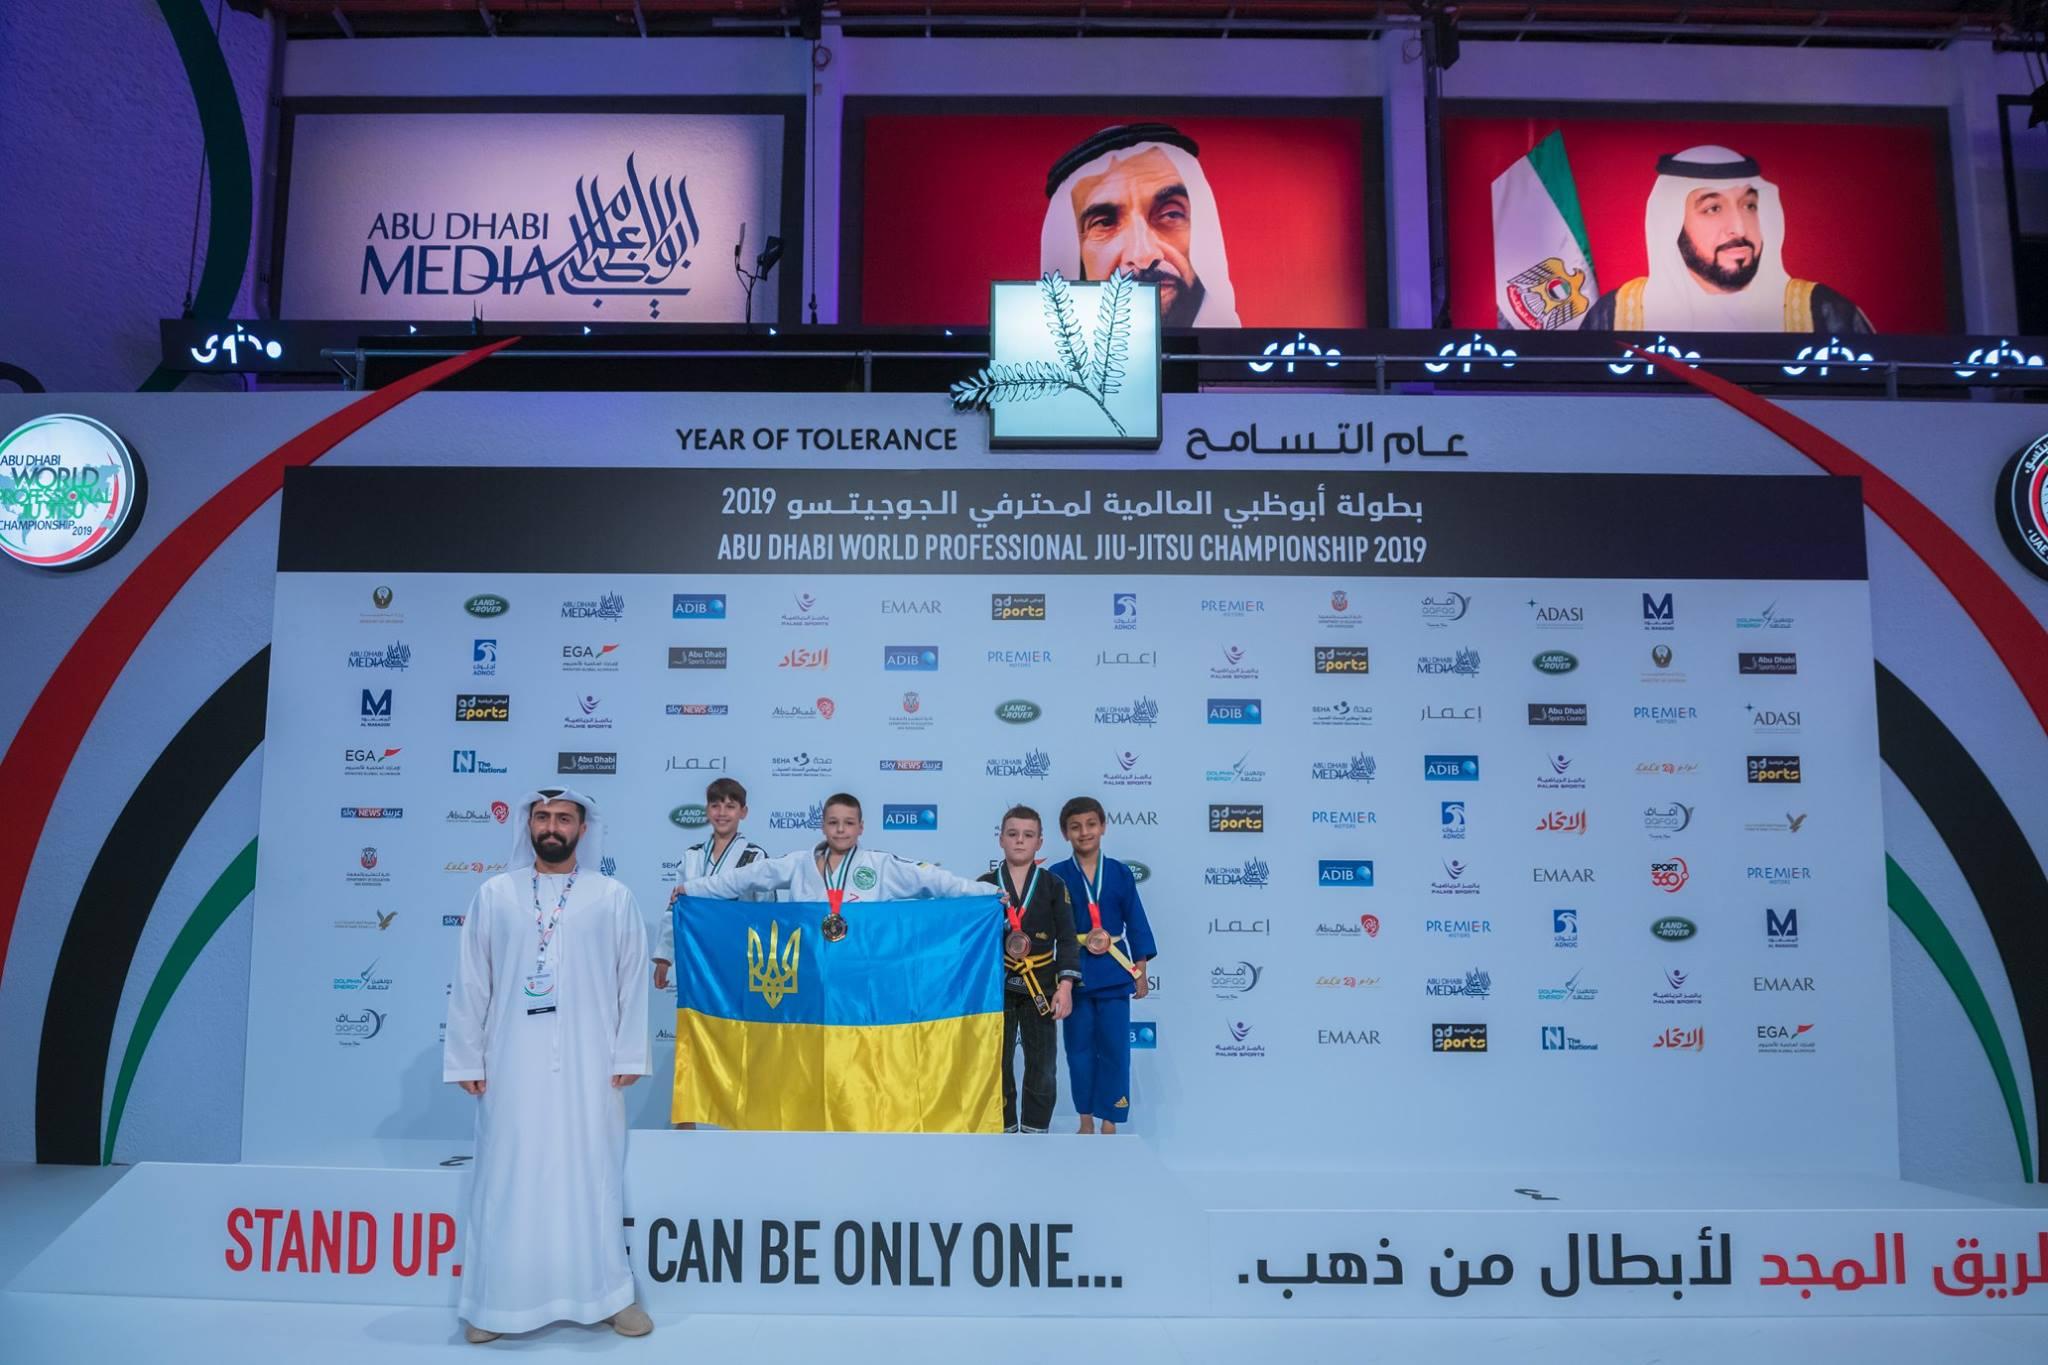 Прикарпатські спортсмени привезли 5 золотих, 1 срібну та 2 бронзові медалі з чемпіонату світу з джиу джитсу